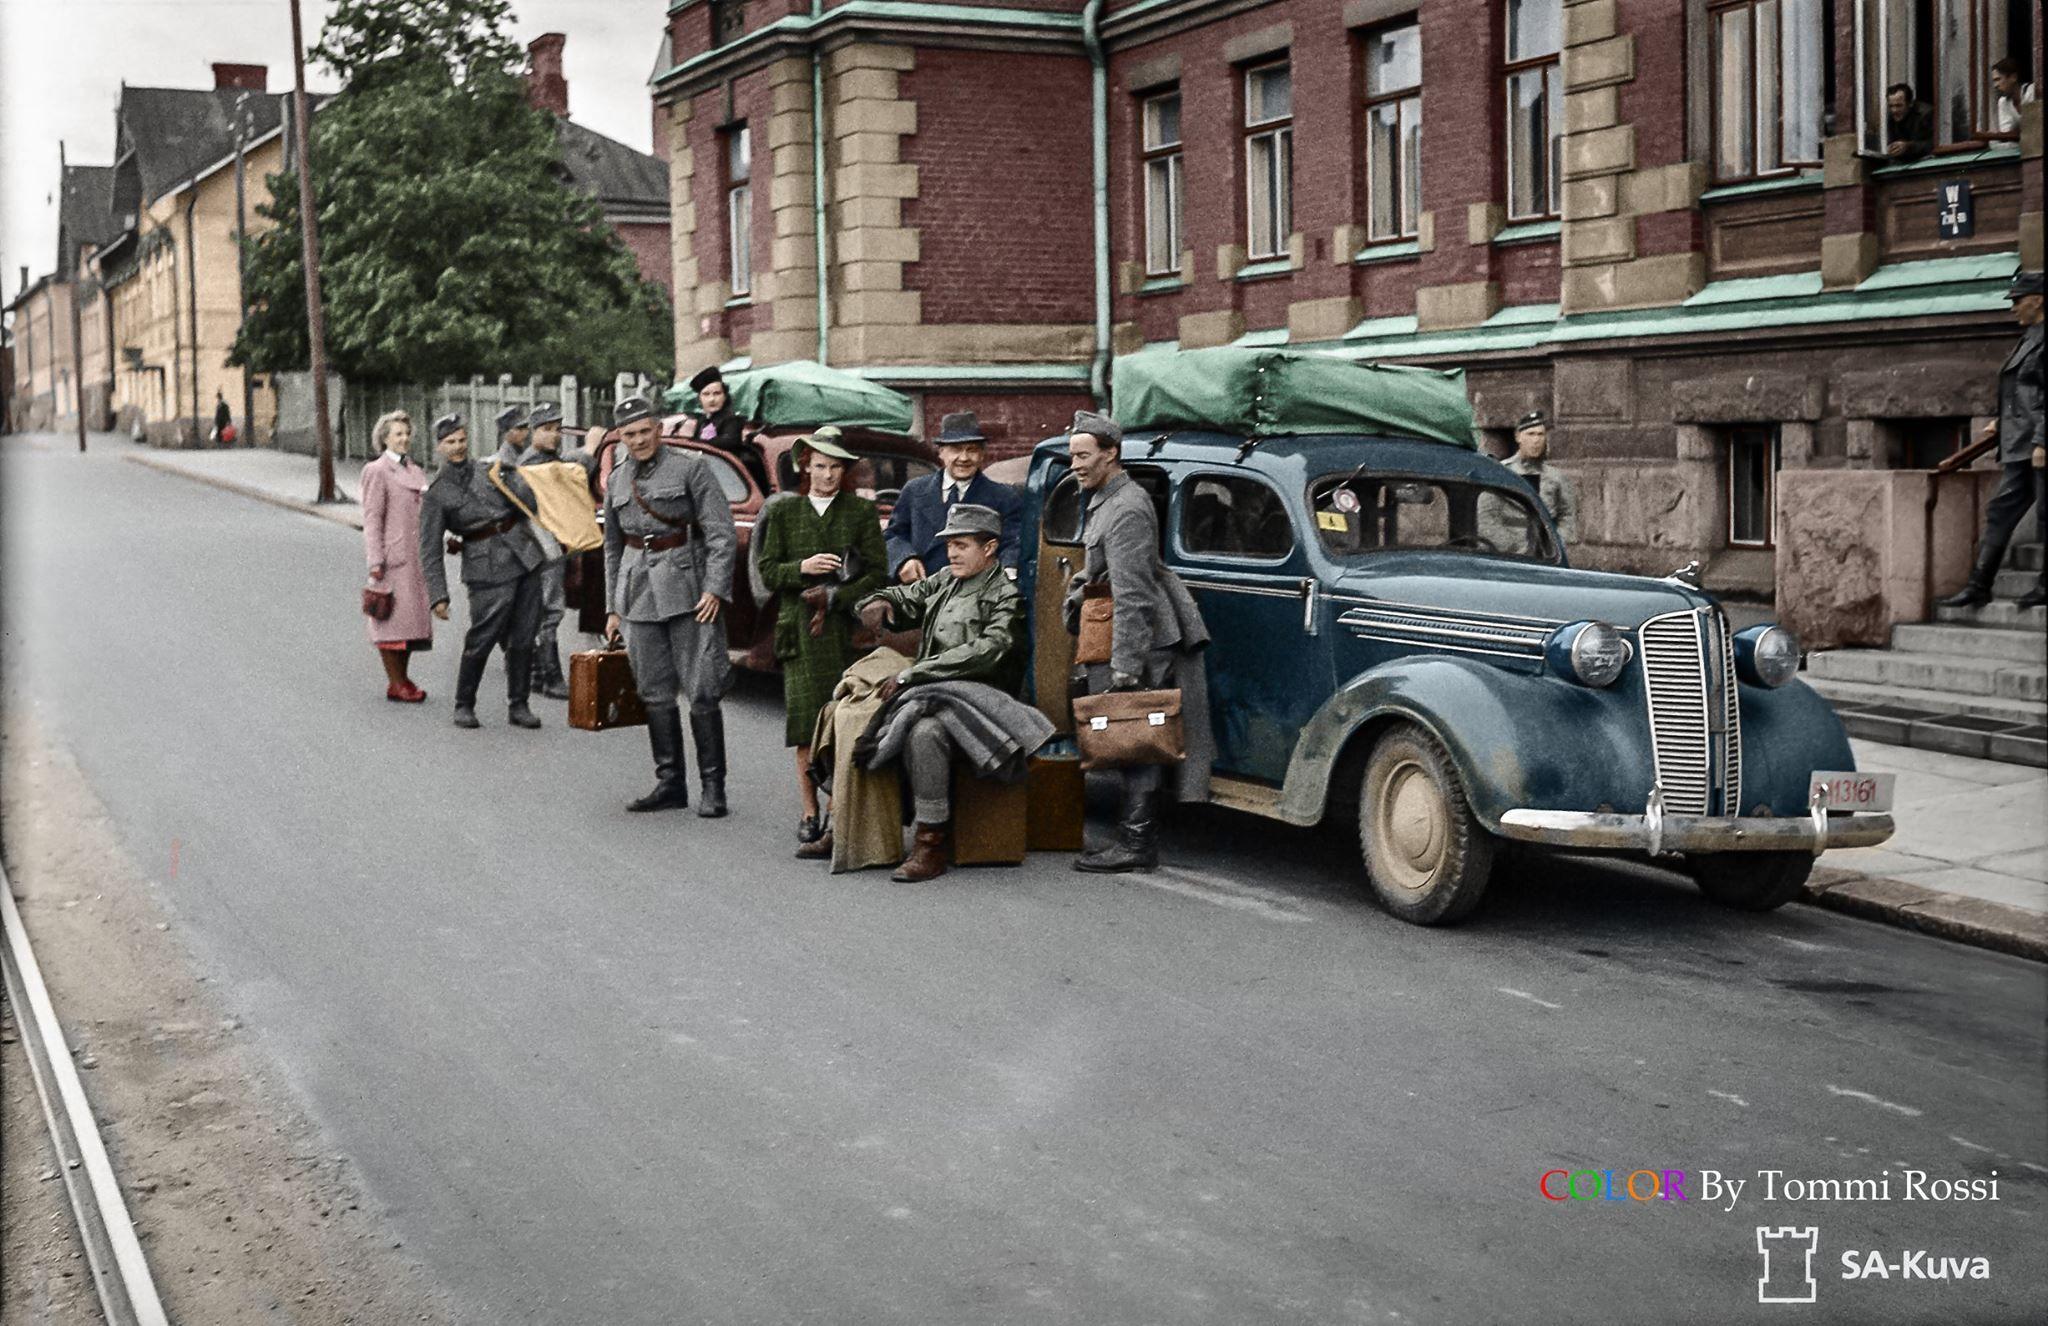 Tauno Palo viihdytysjoukoista, Helsingissä 1943 Wartime Entertainment Group in Helsinki 1943 ...